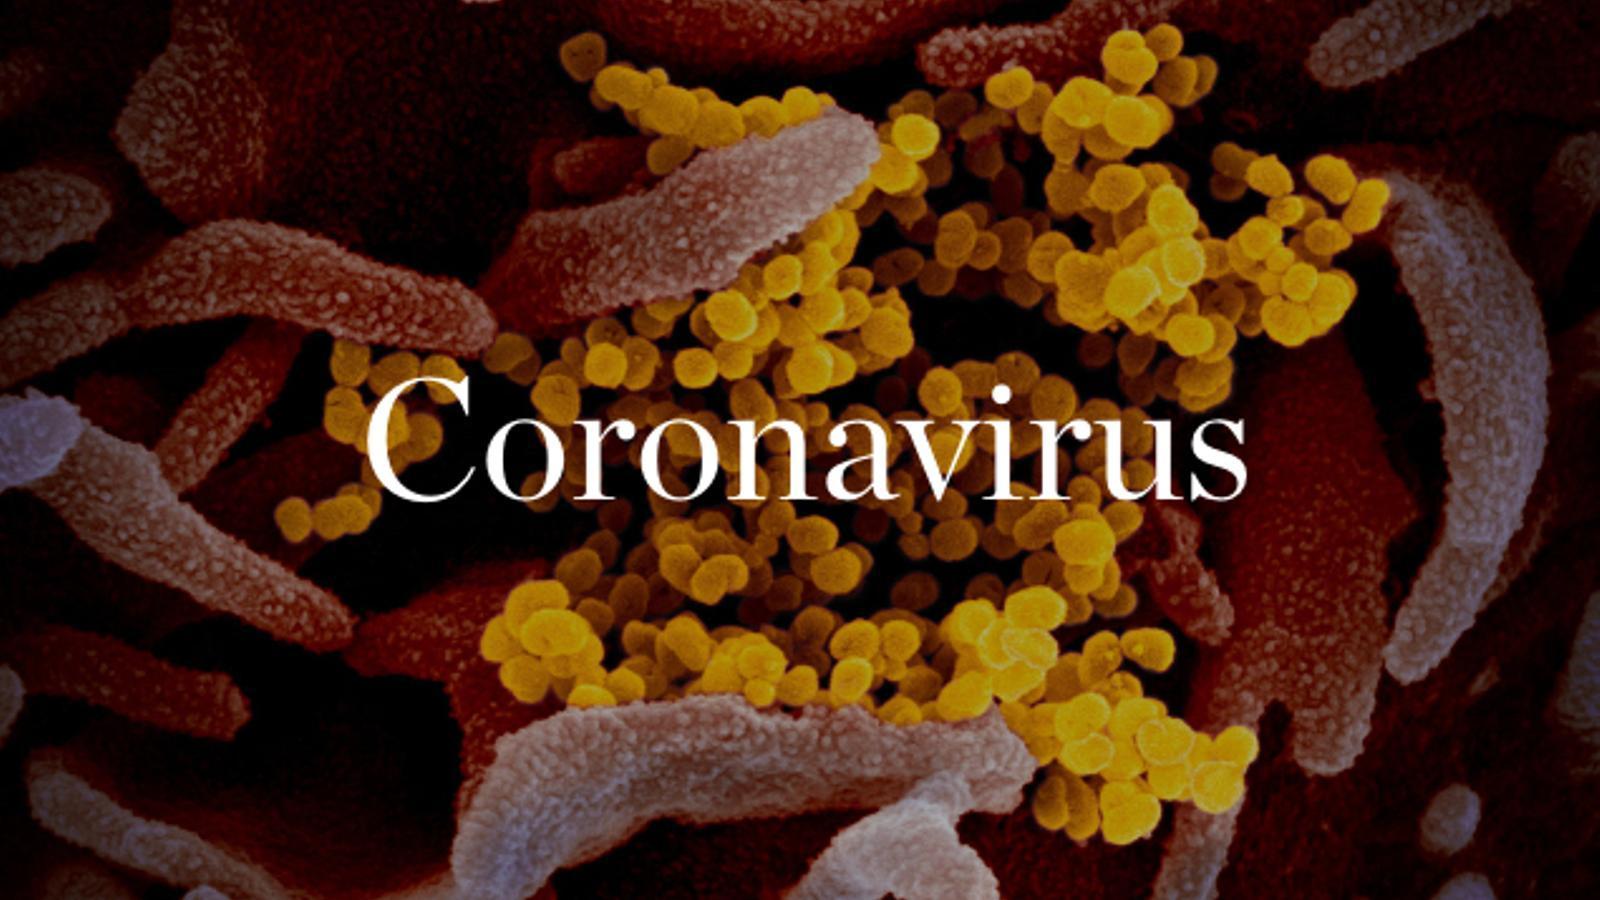 Rep diàriament al teu correu les últimes informacions sobre la pandèmia del Covid-19